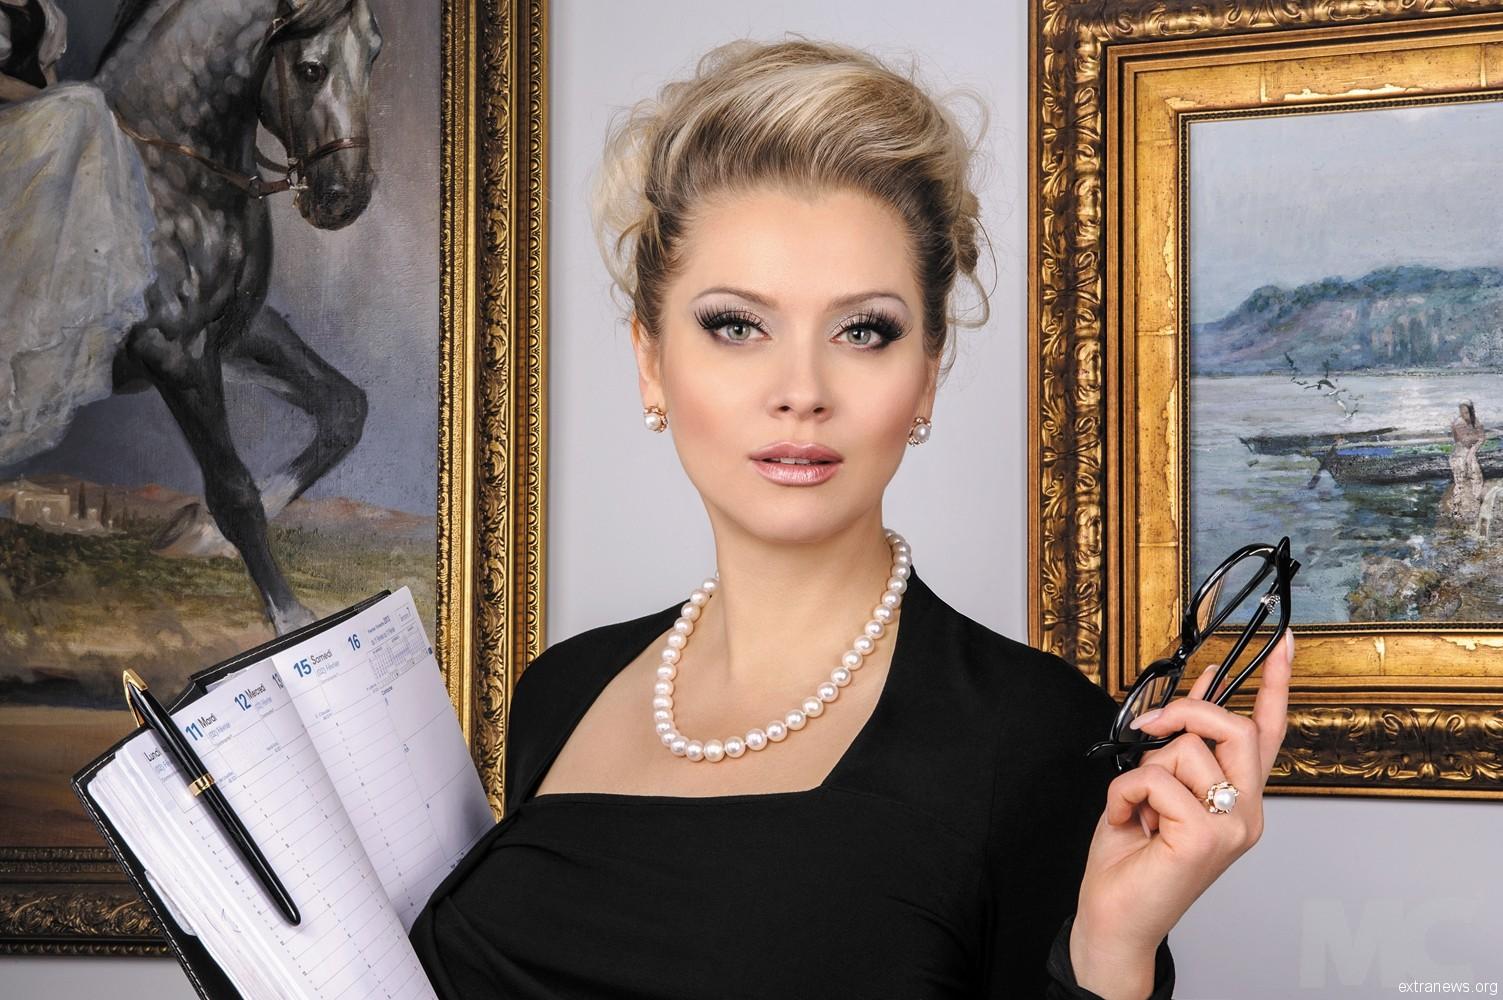 Лена Ленина и ее неподражаемые образы: как российская светская львица покоряет европейские кинофестивали